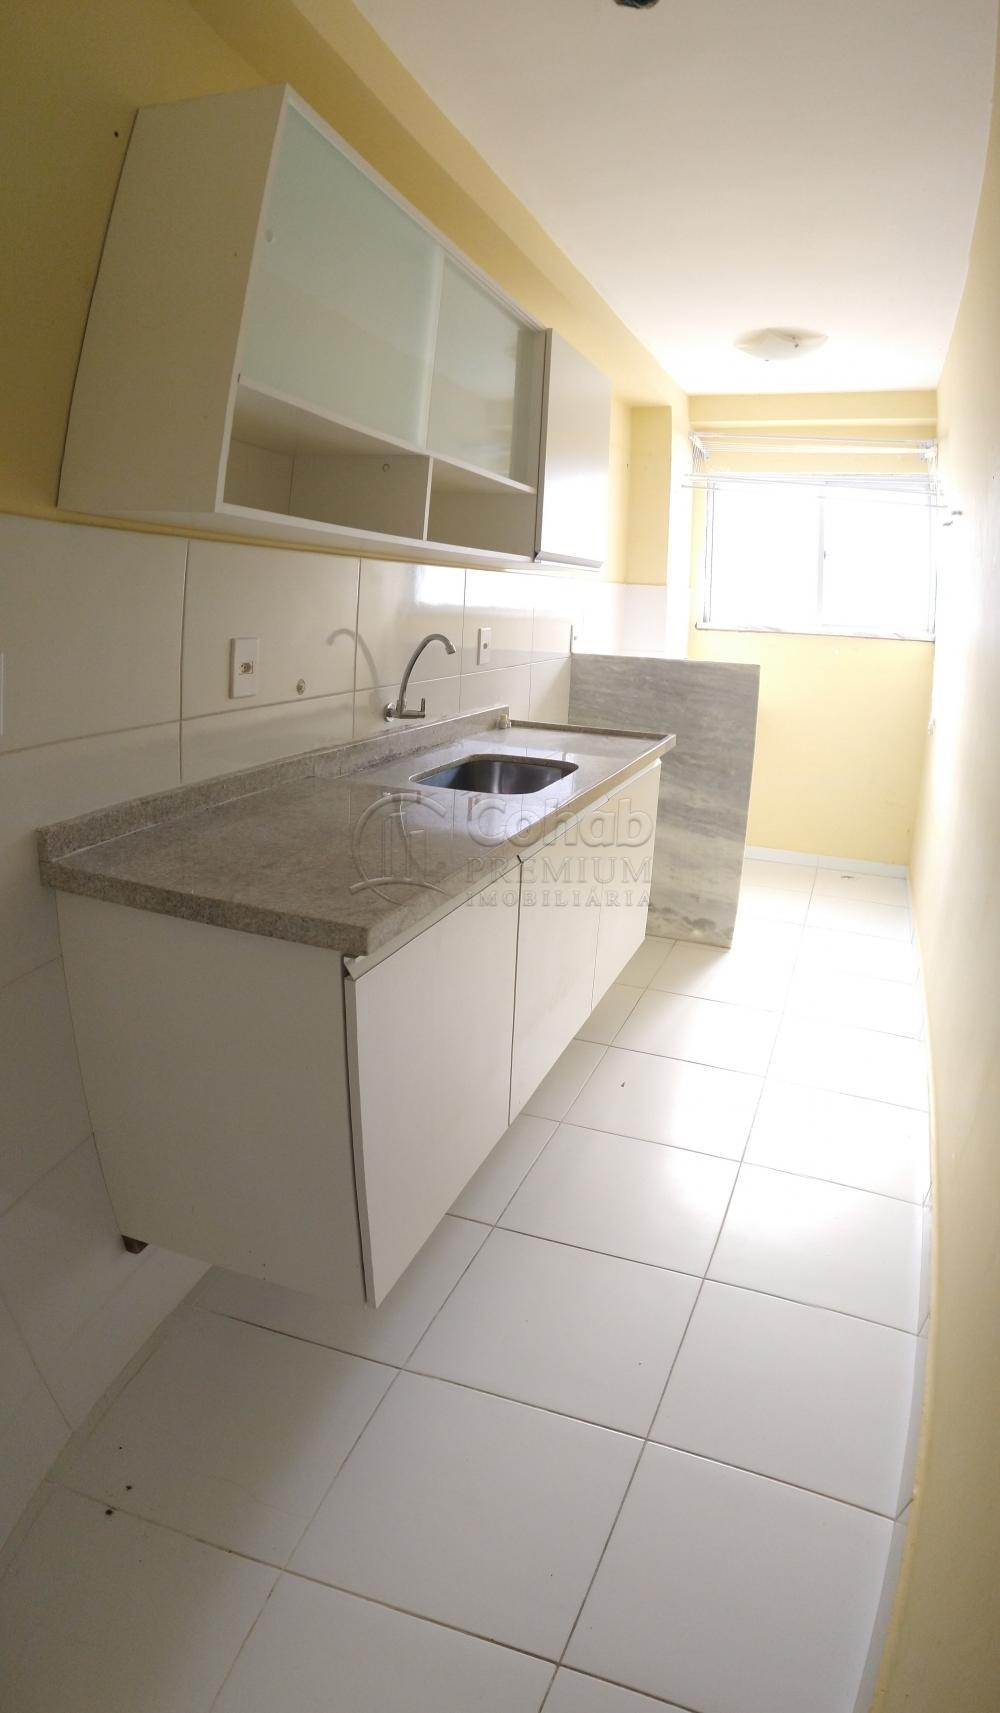 Alugar Apartamento / Padrão em Aracaju apenas R$ 450,00 - Foto 11